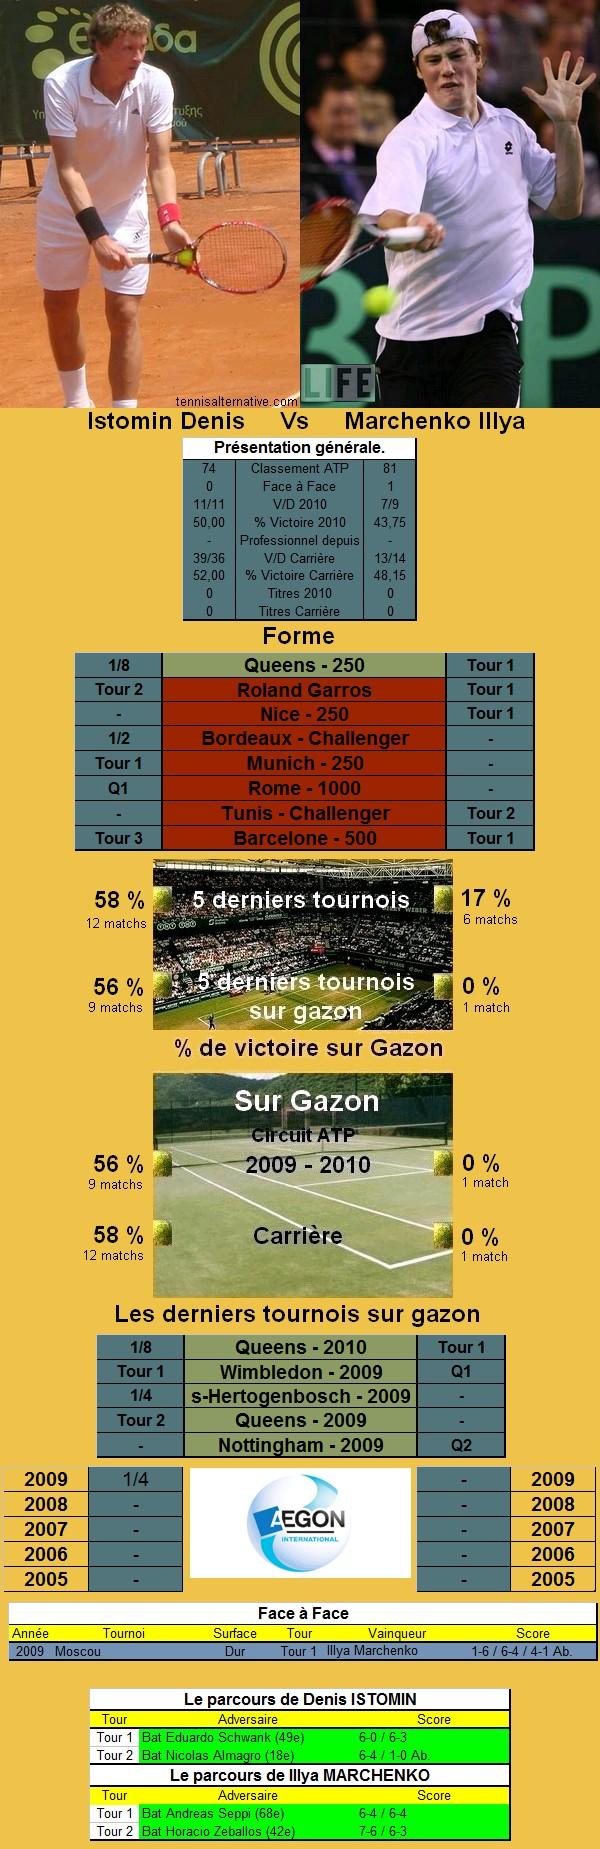 Statistiques tennis de Istomin contre Marchenko à Eastbourne